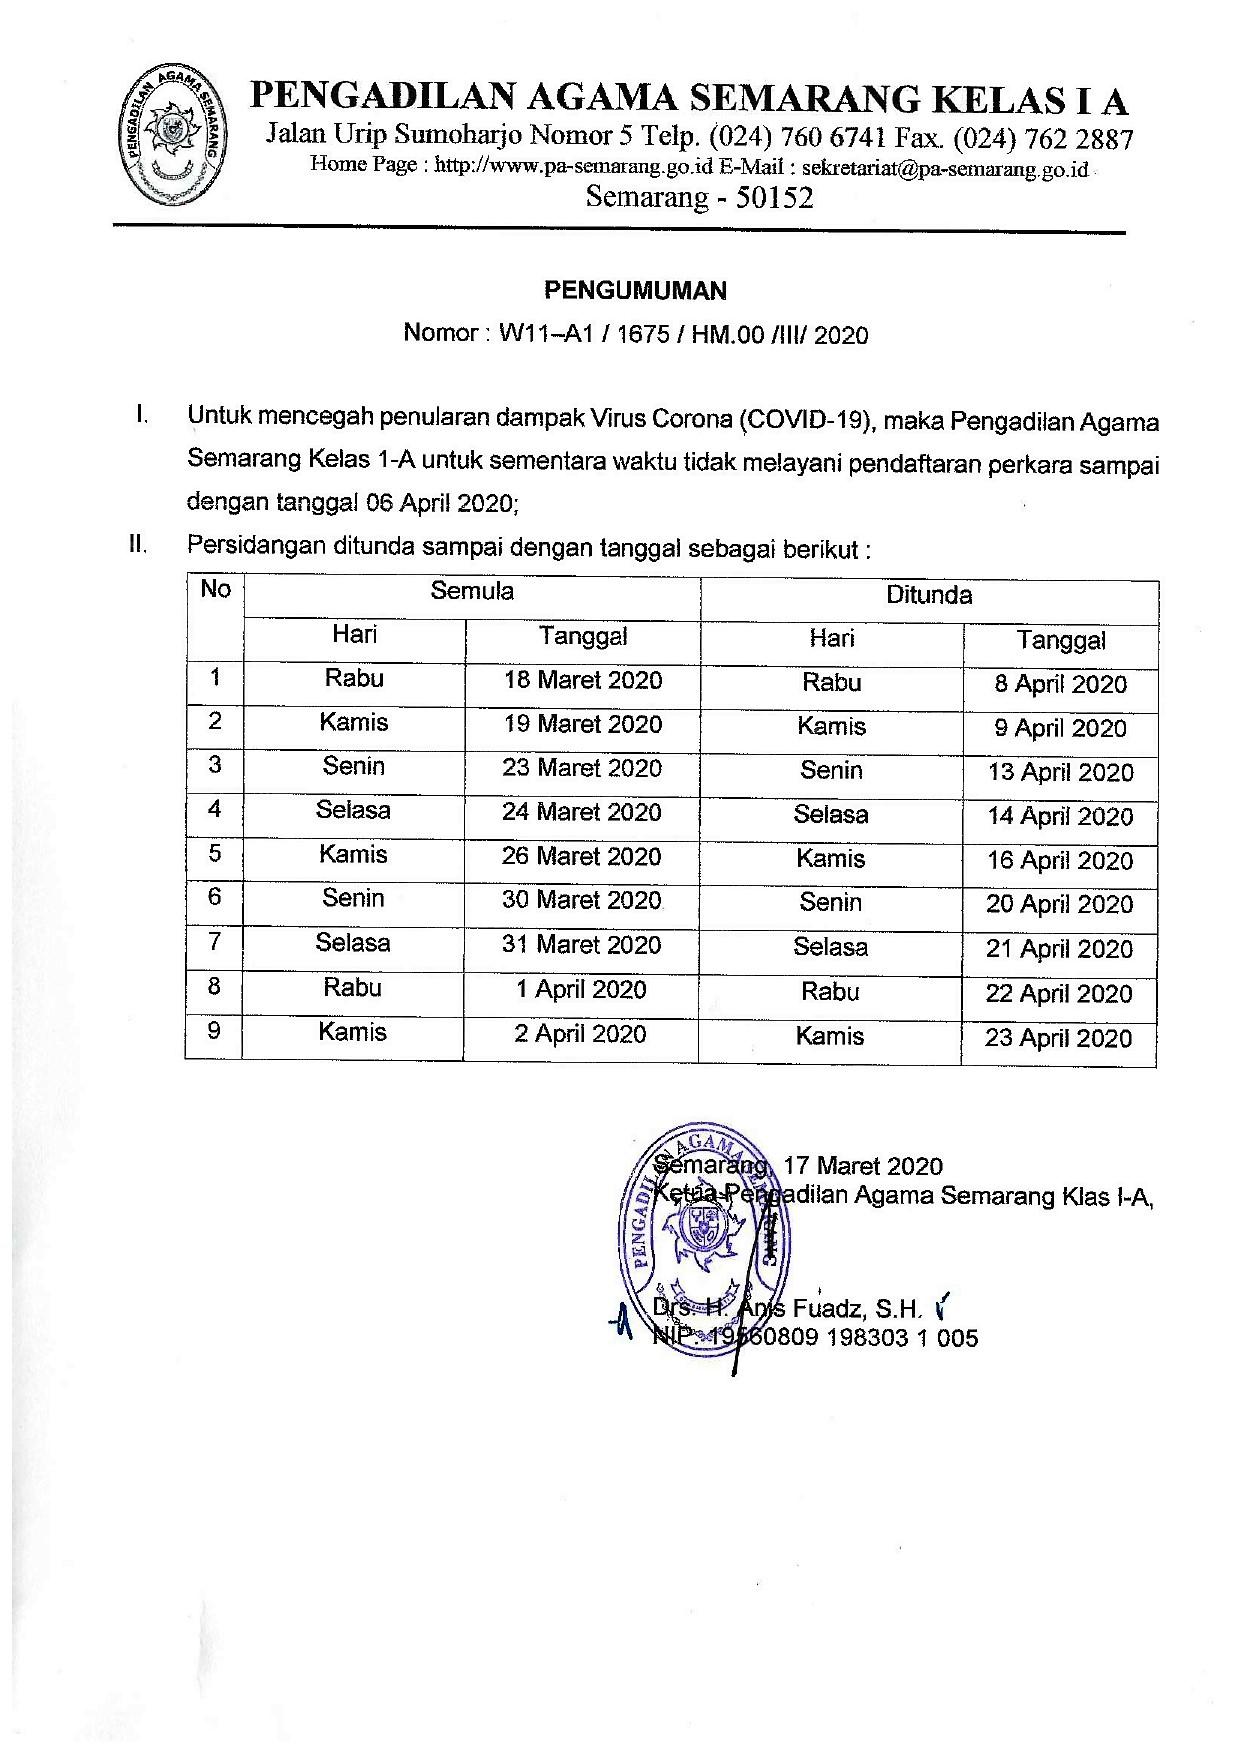 Pengumuman Penundaan Sidang Di Pengadilan Agama Semarang